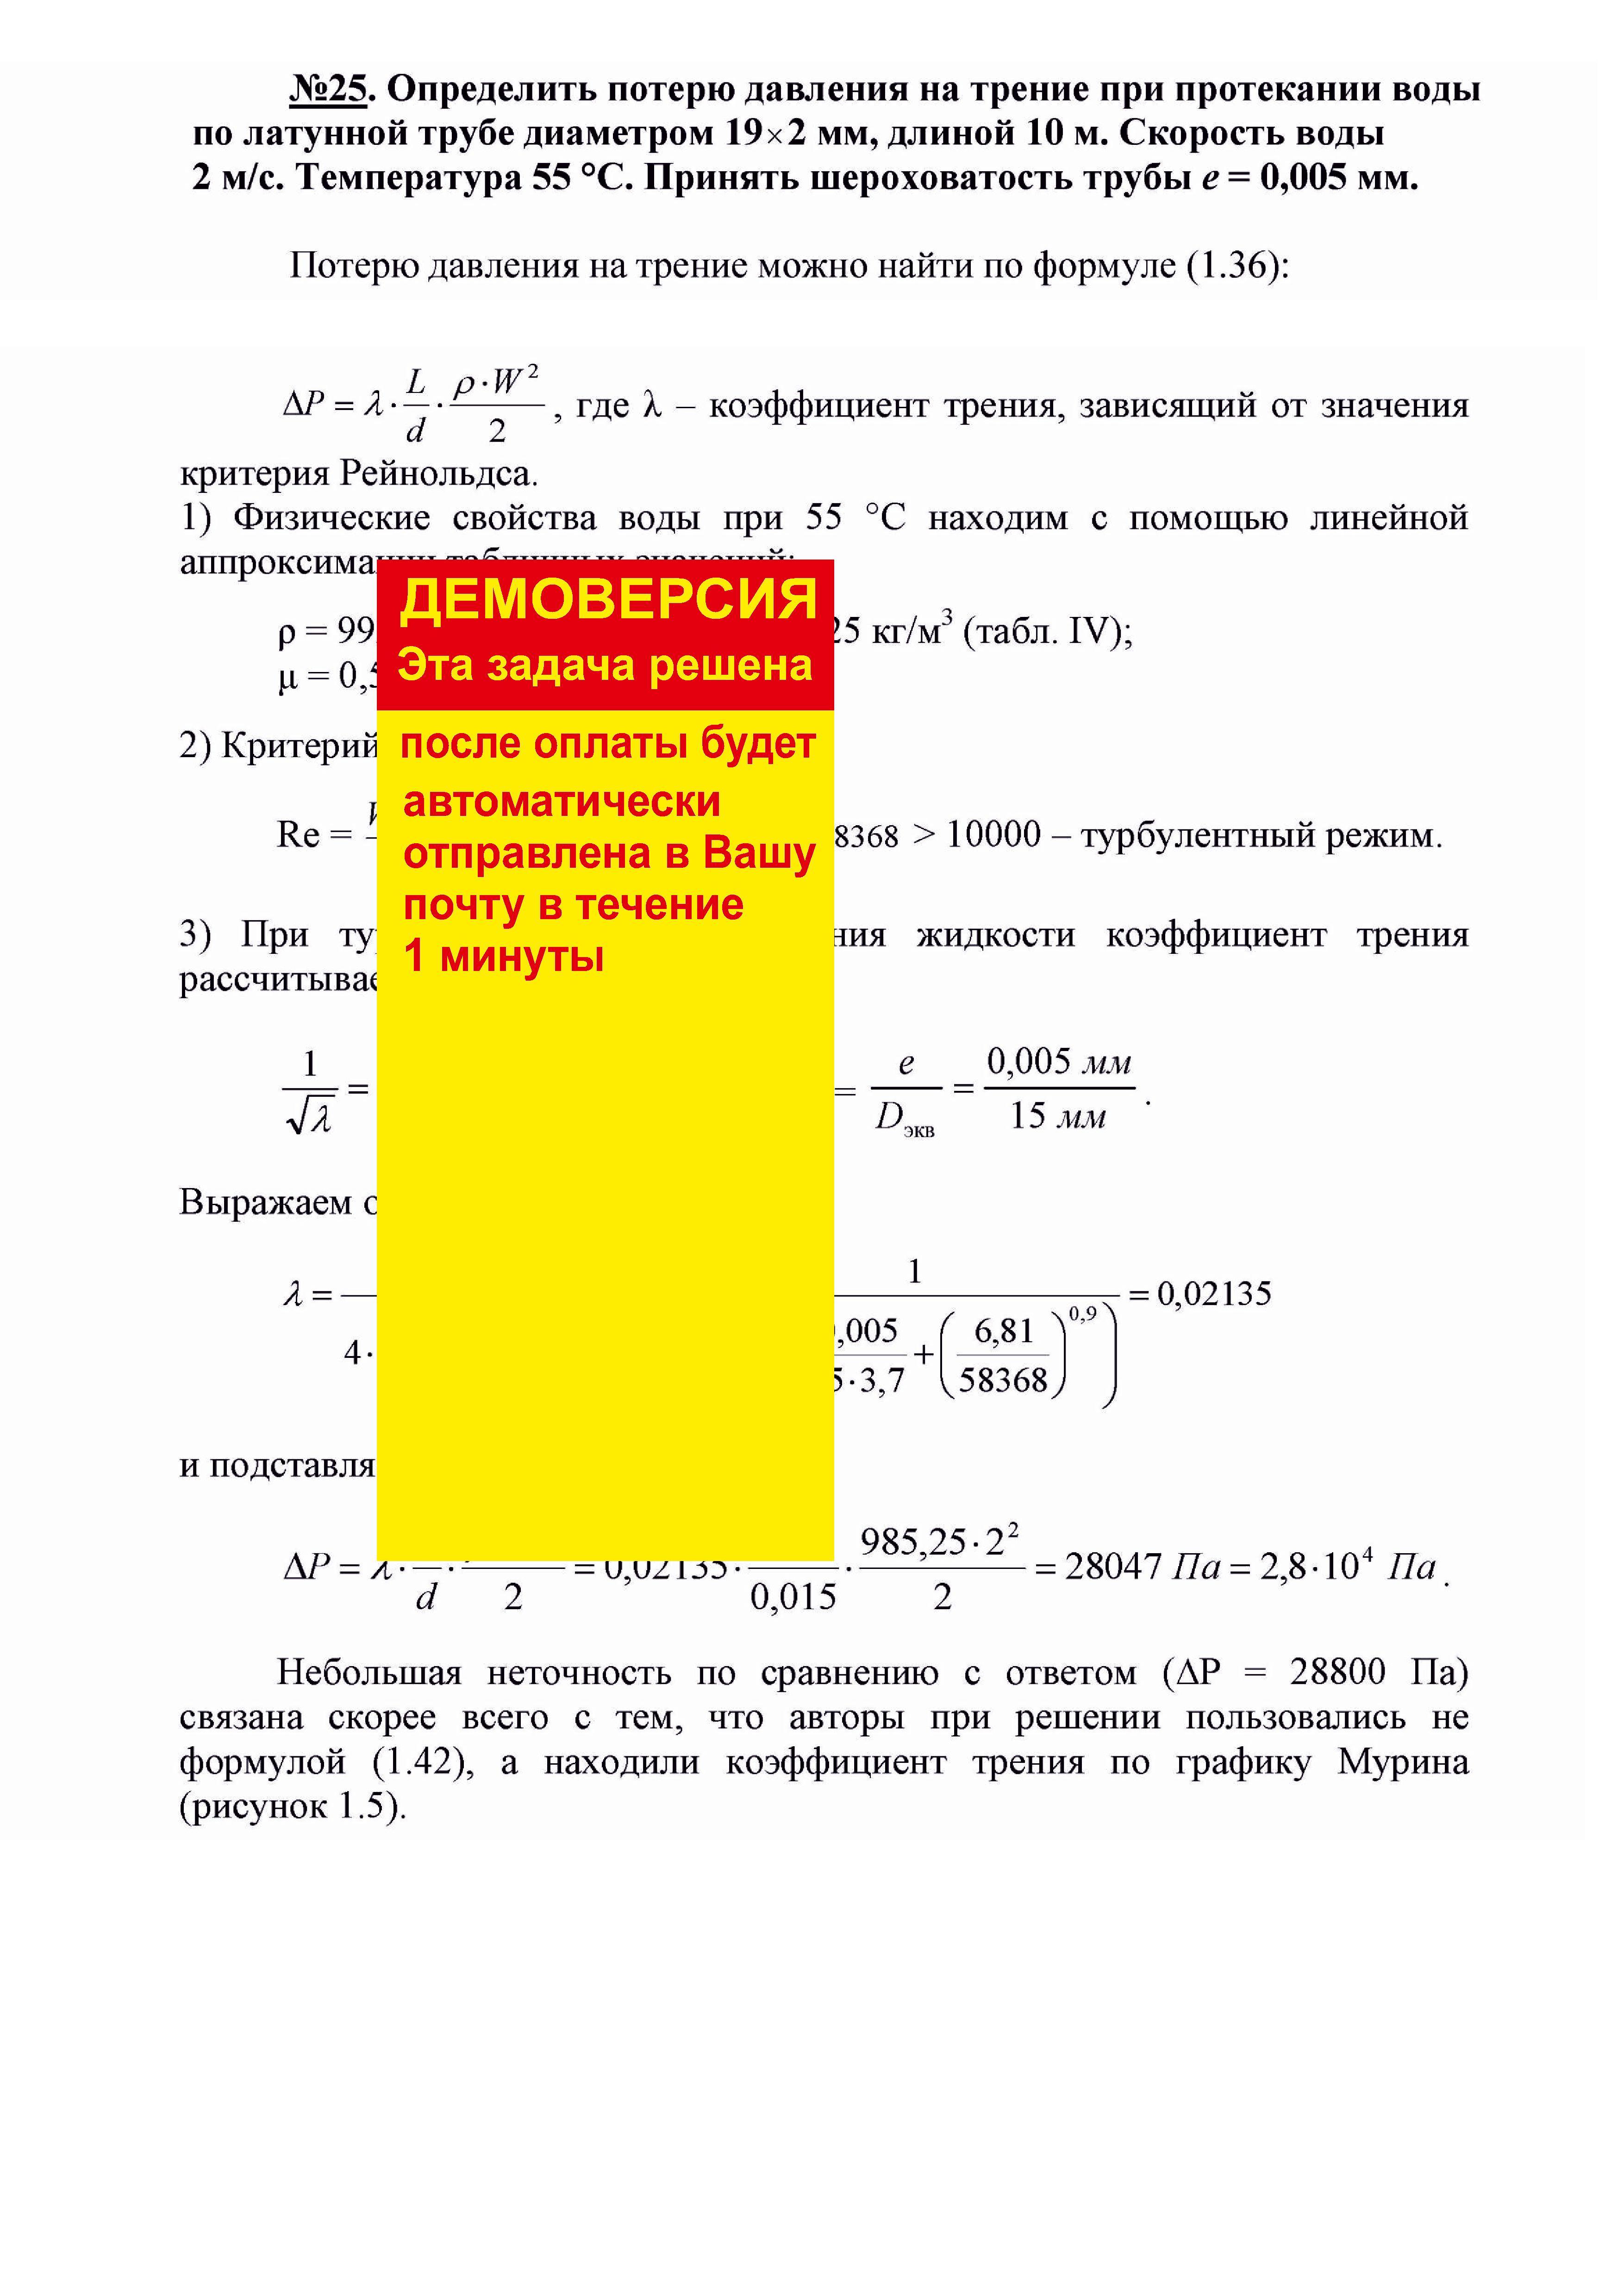 Решение задачи 1.25 по ПАХТ из задачника Павлова Романкова Носкова